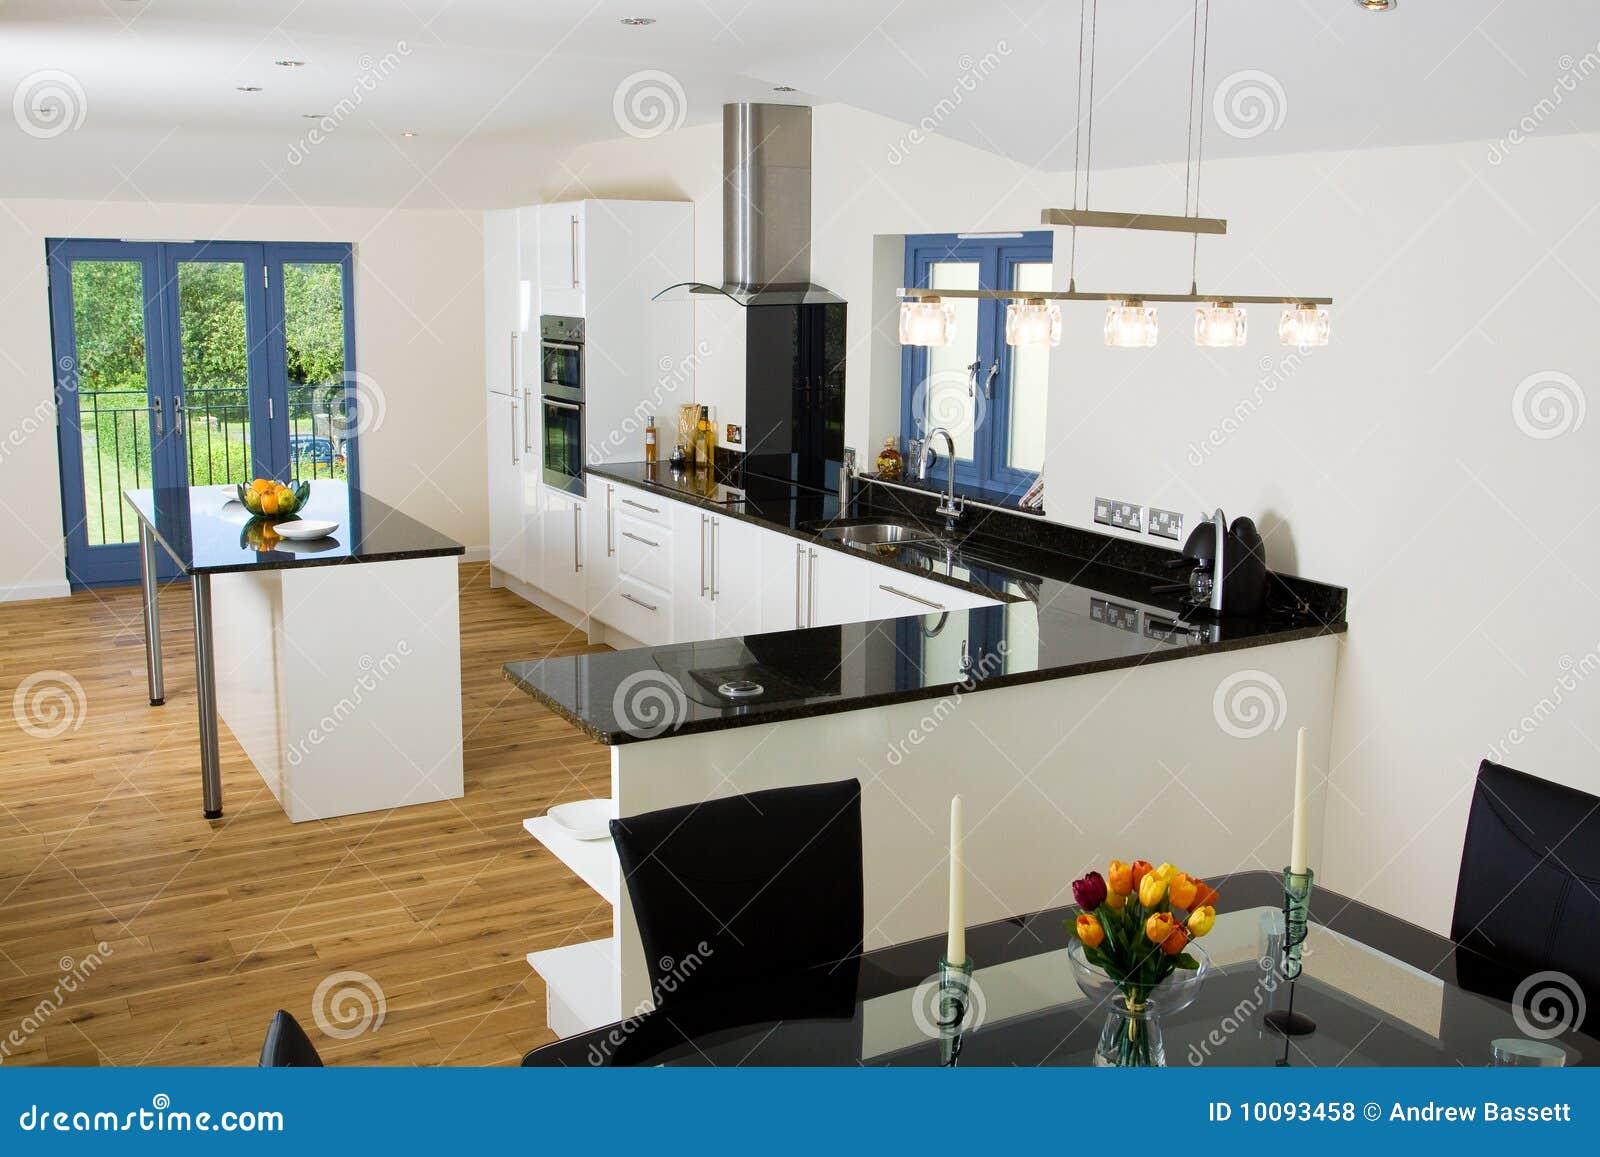 Schone Moderne Kuche Stockfoto Bild Von Geoffnet Bereich 10093458